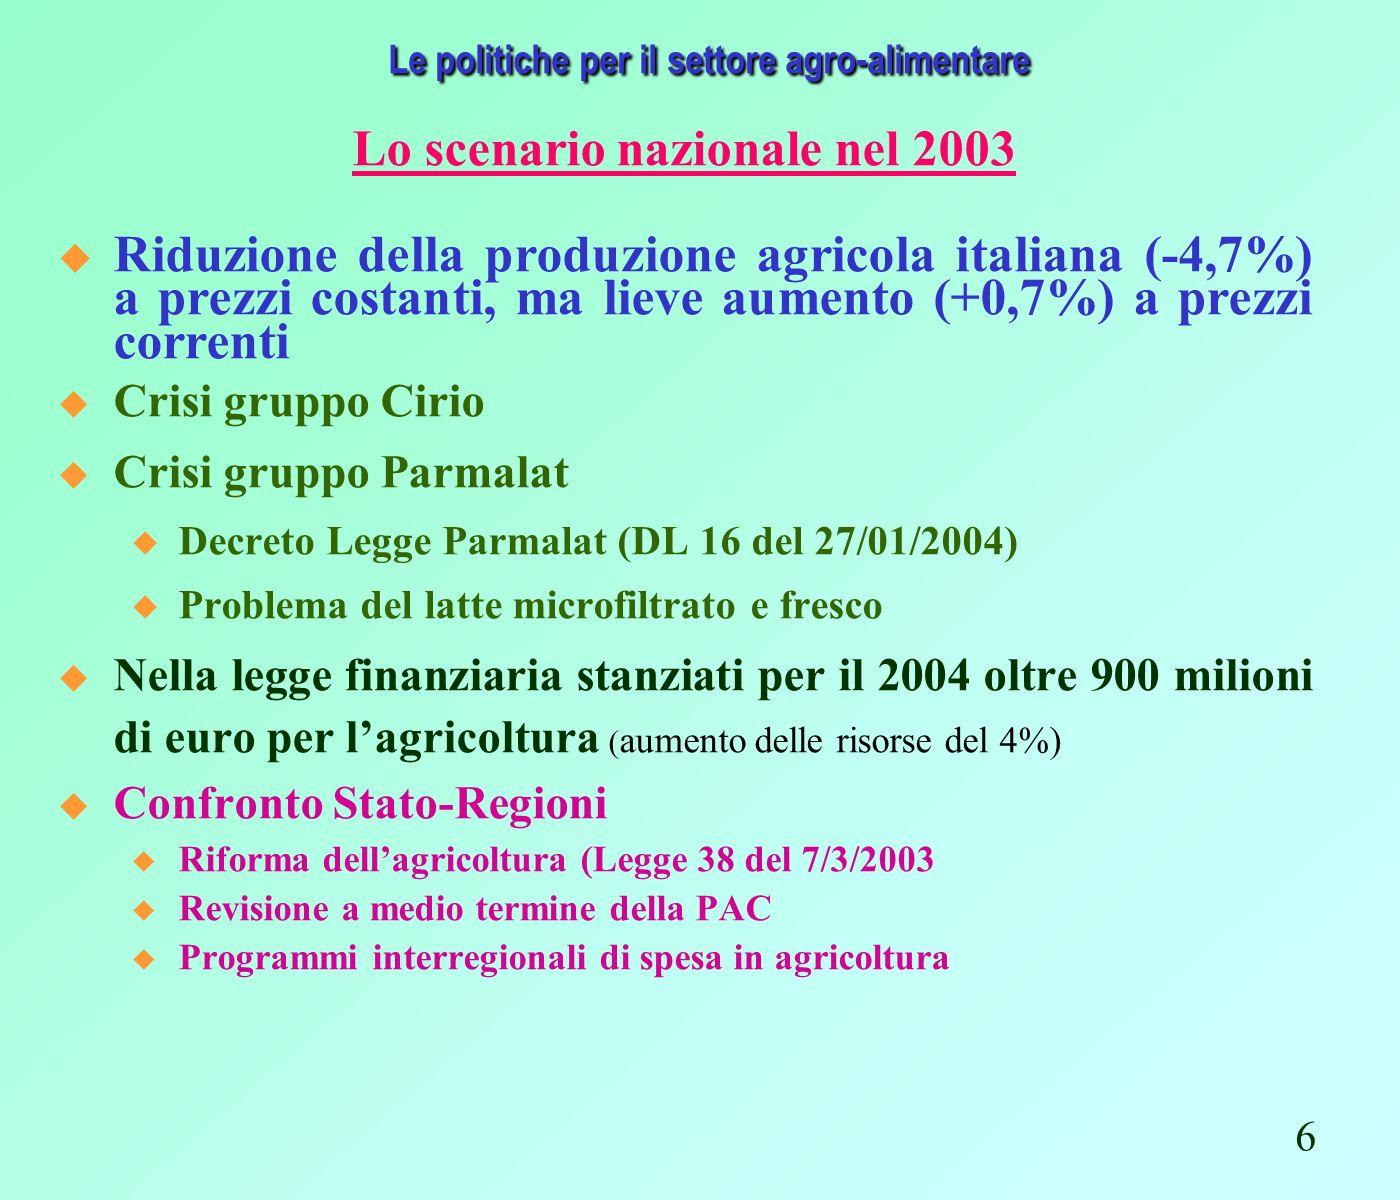 Le politiche per il settore agro-alimentare Lo scenario nazionale nel 2003 Riduzione della produzione agricola italiana (-4,7%) a prezzi costanti, ma lieve aumento (+0,7%) a prezzi correnti Crisi gruppo Cirio Crisi gruppo Parmalat u Decreto Legge Parmalat (DL 16 del 27/01/2004) u Problema del latte microfiltrato e fresco Nella legge finanziaria stanziati per il 2004 oltre 900 milioni di euro per lagricoltura ( aumento delle risorse del 4%) Confronto Stato-Regioni u Riforma dellagricoltura (Legge 38 del 7/3/2003 u Revisione a medio termine della PAC u Programmi interregionali di spesa in agricoltura 6